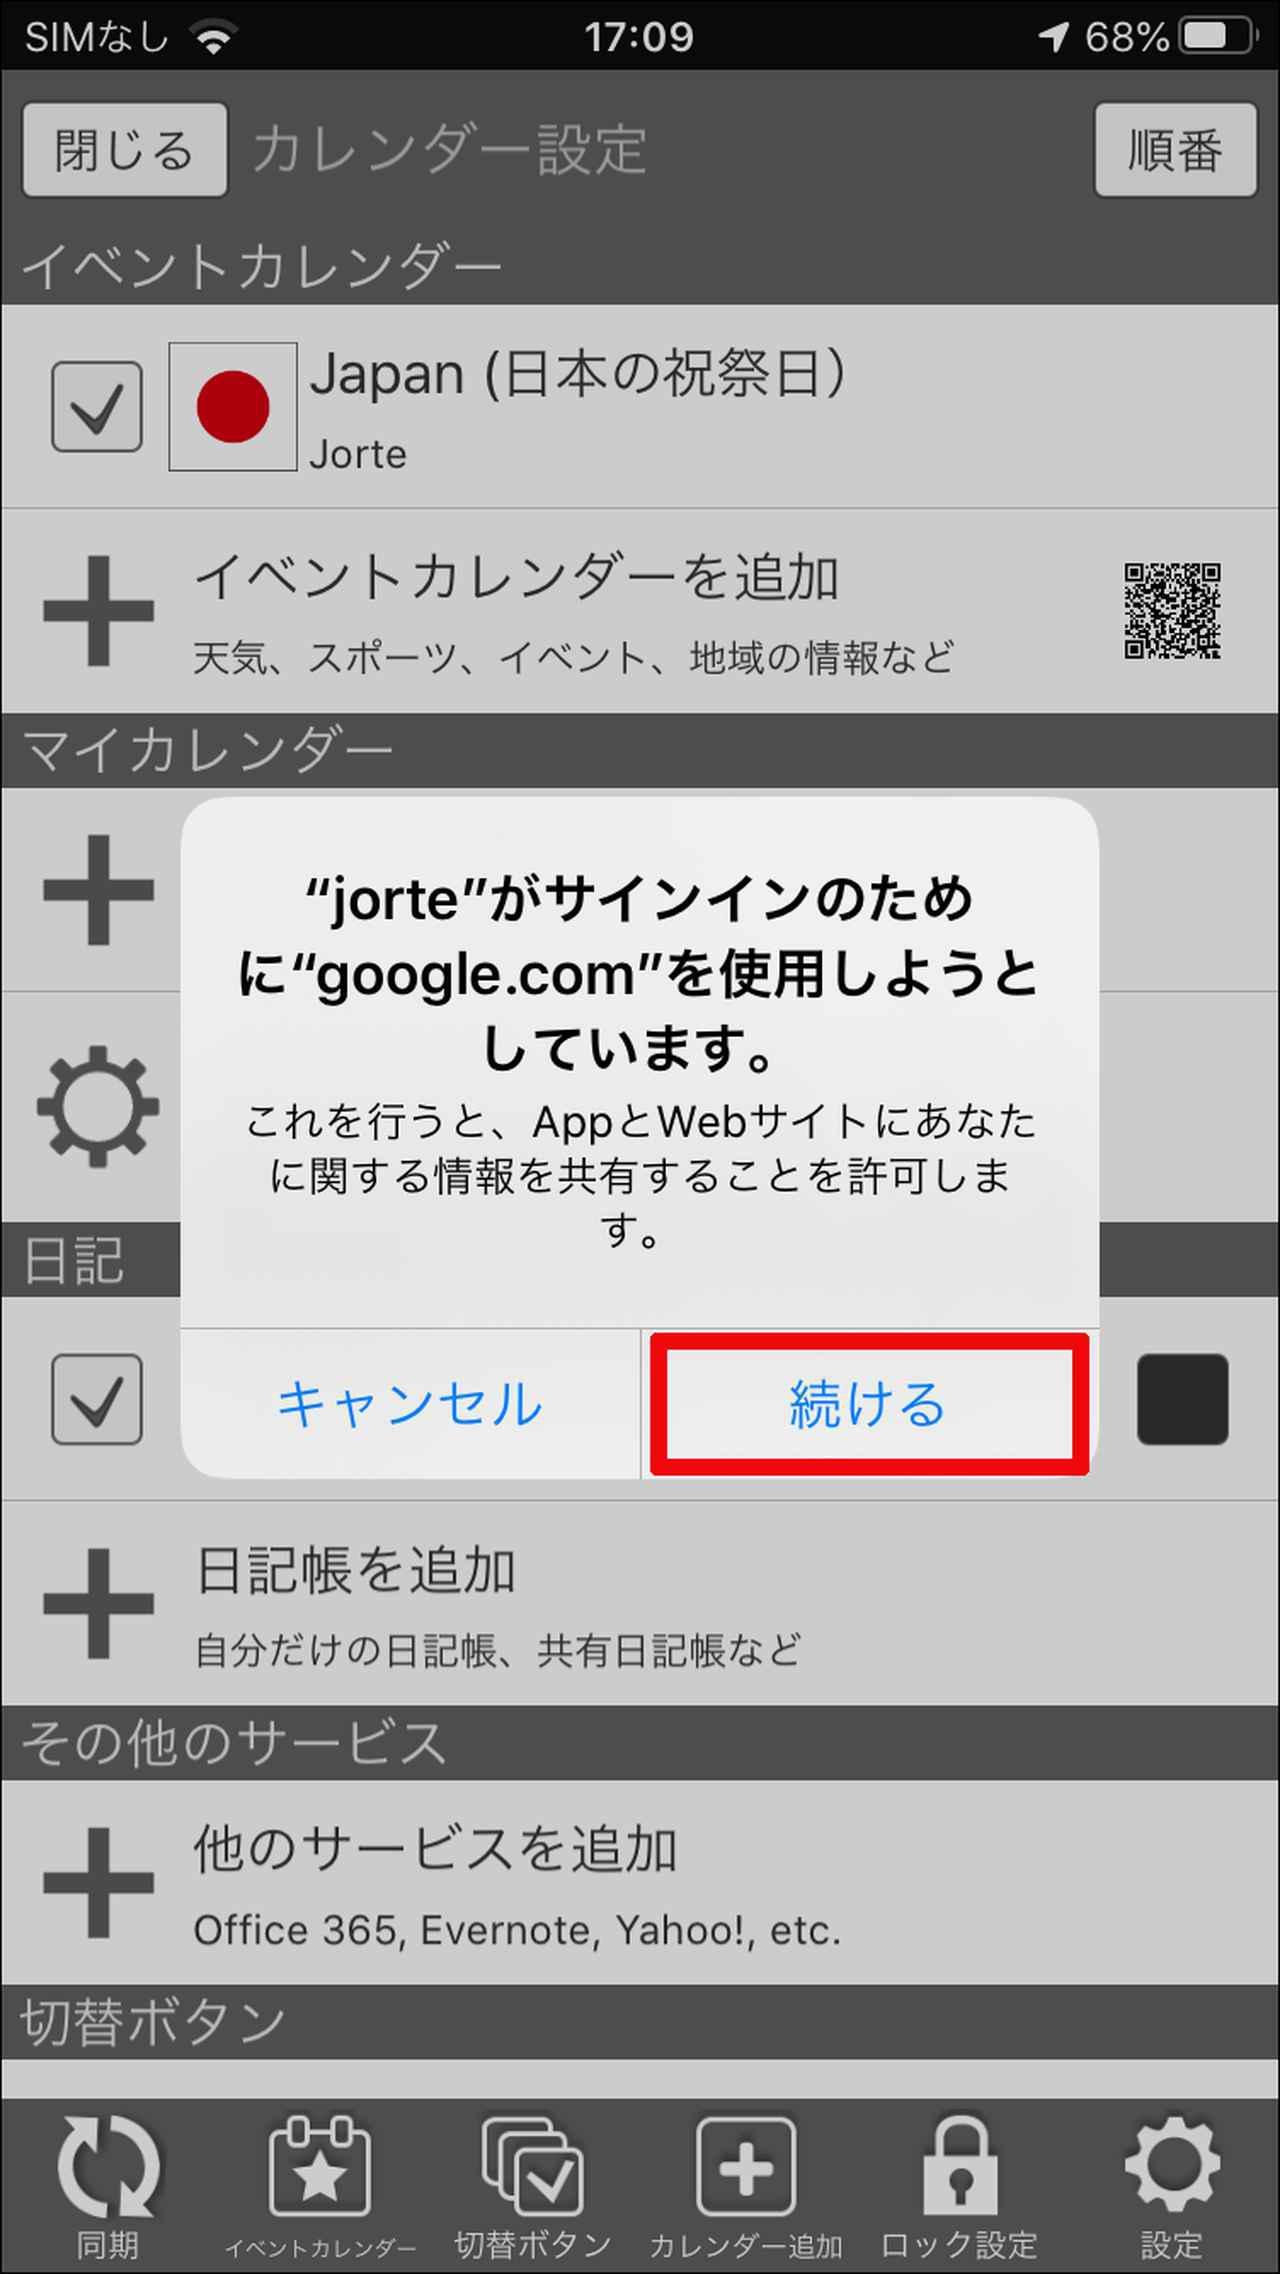 画像13: 【ジョルテクラウドとは】共有・同期など人気カレンダーアプリのワンランク上の機能を解説!